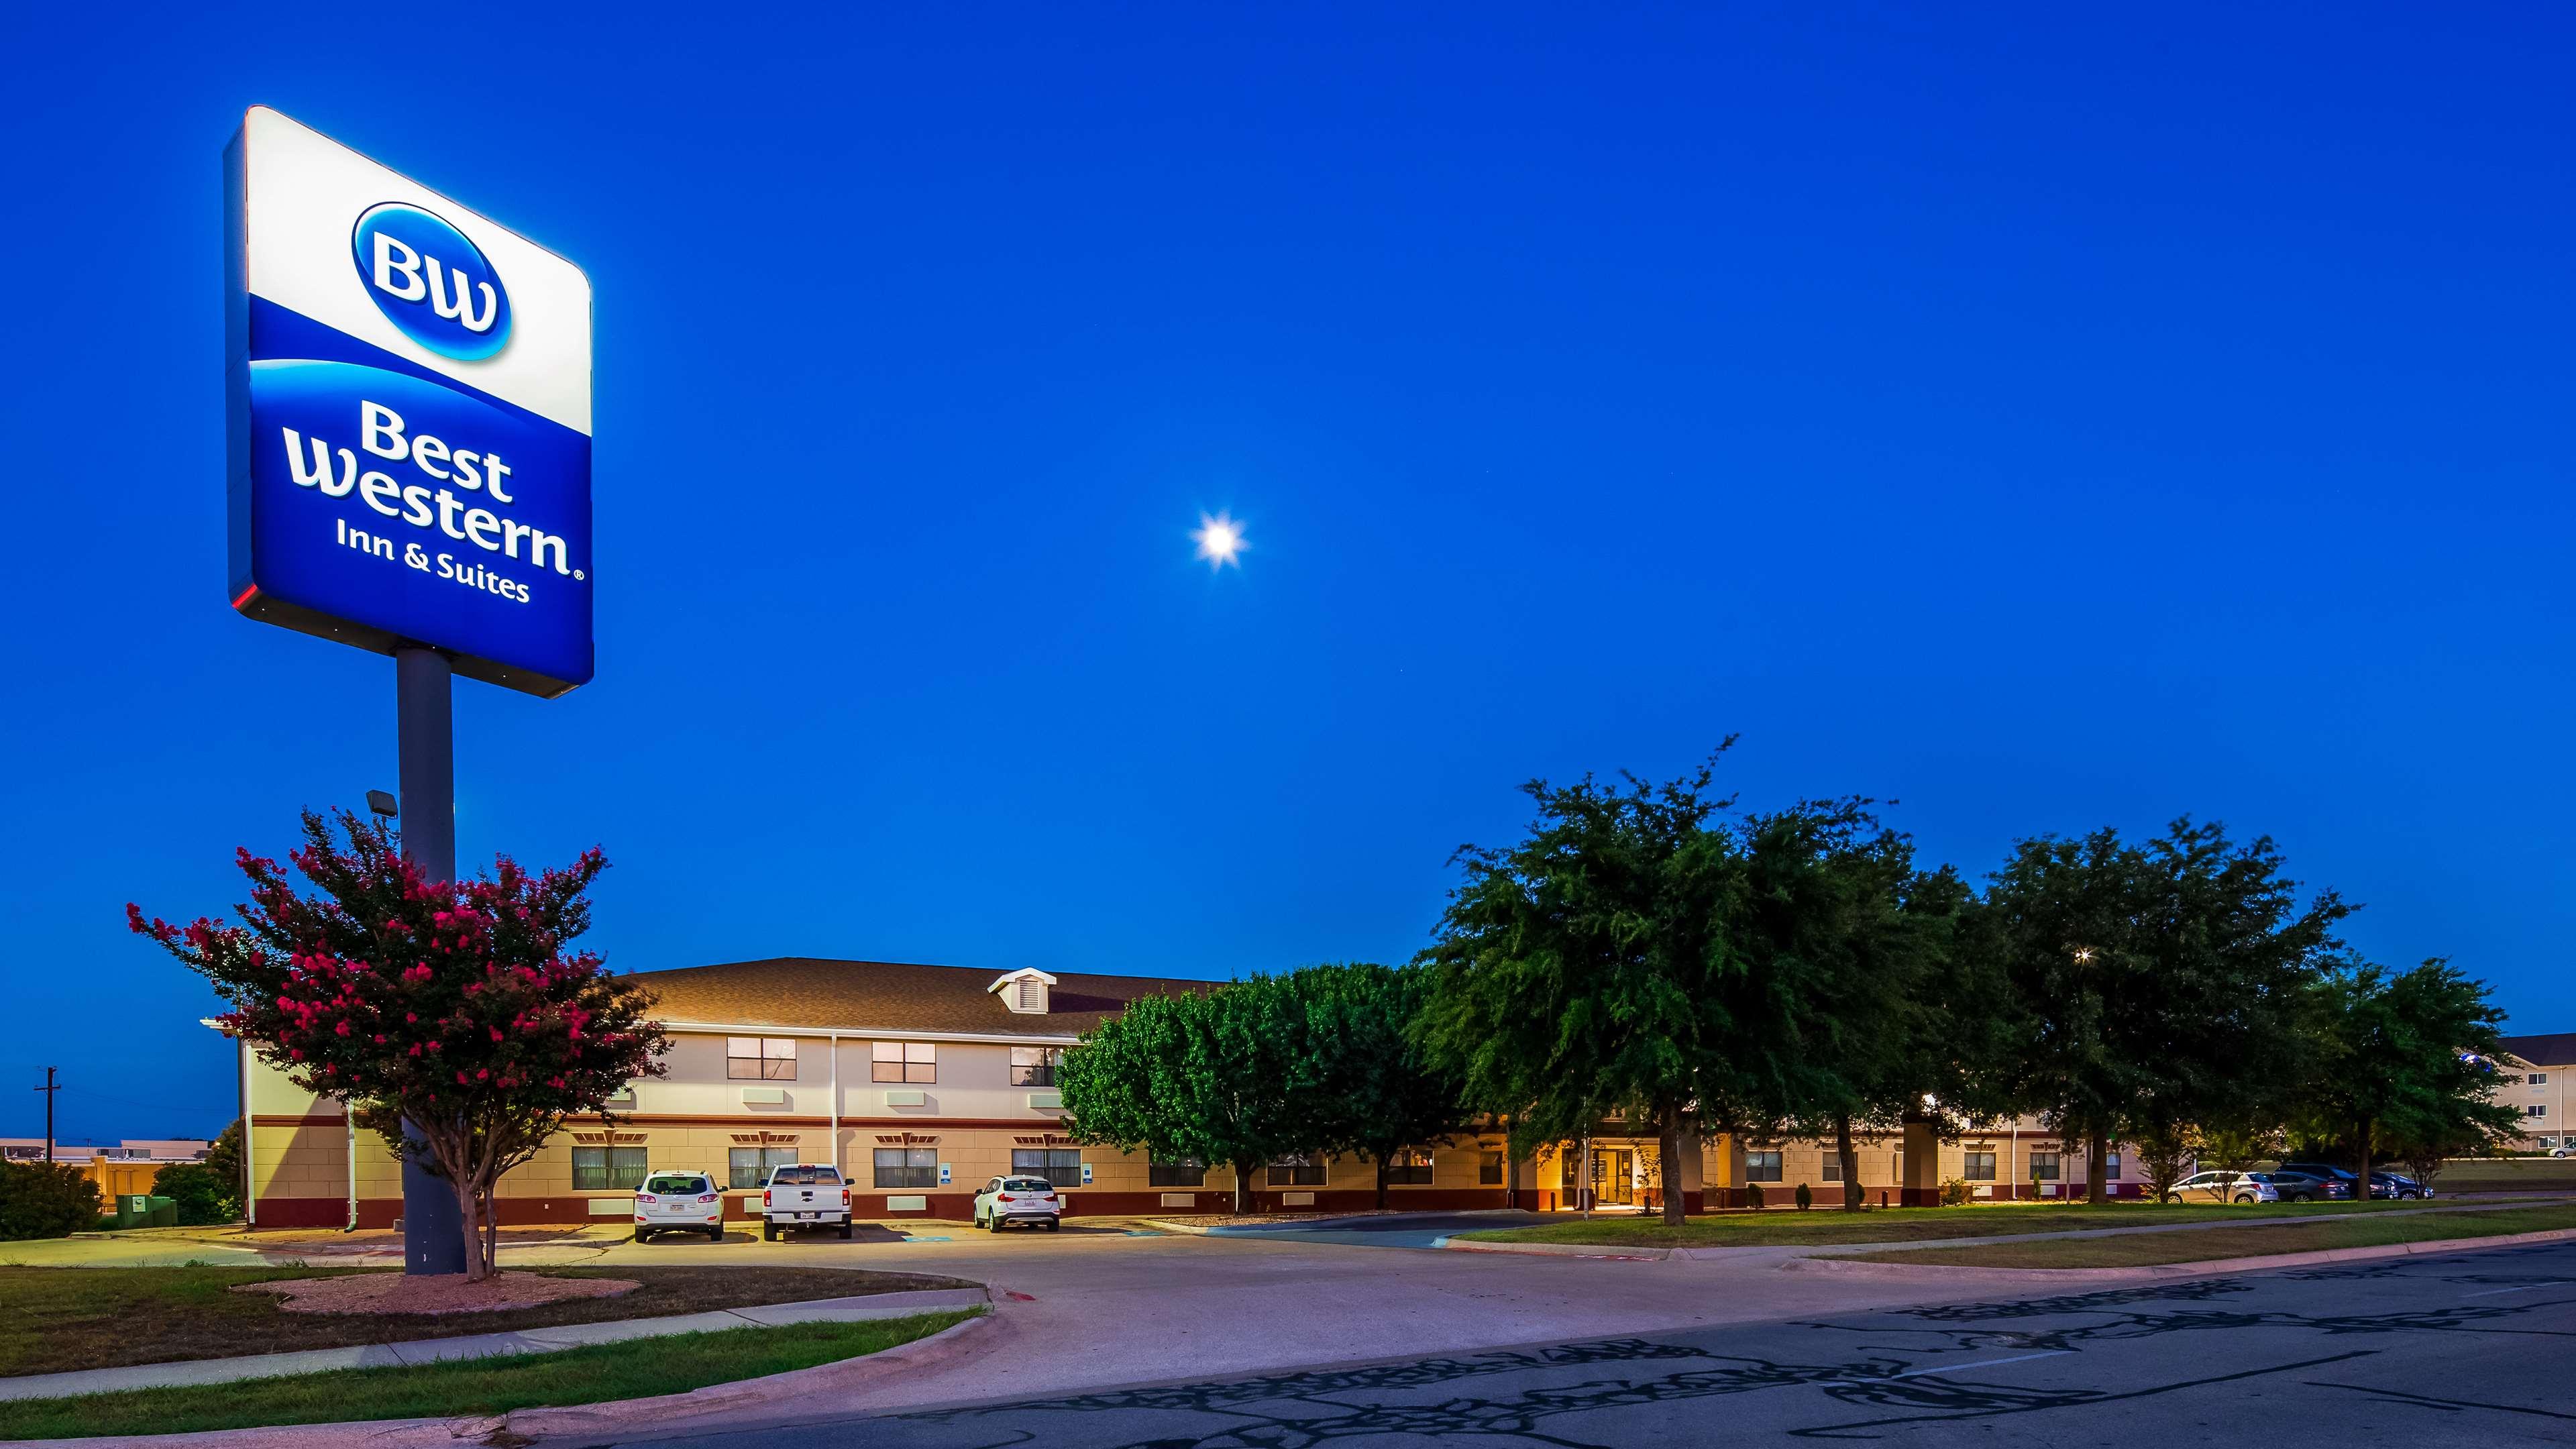 Best Western Inn & Suites image 0